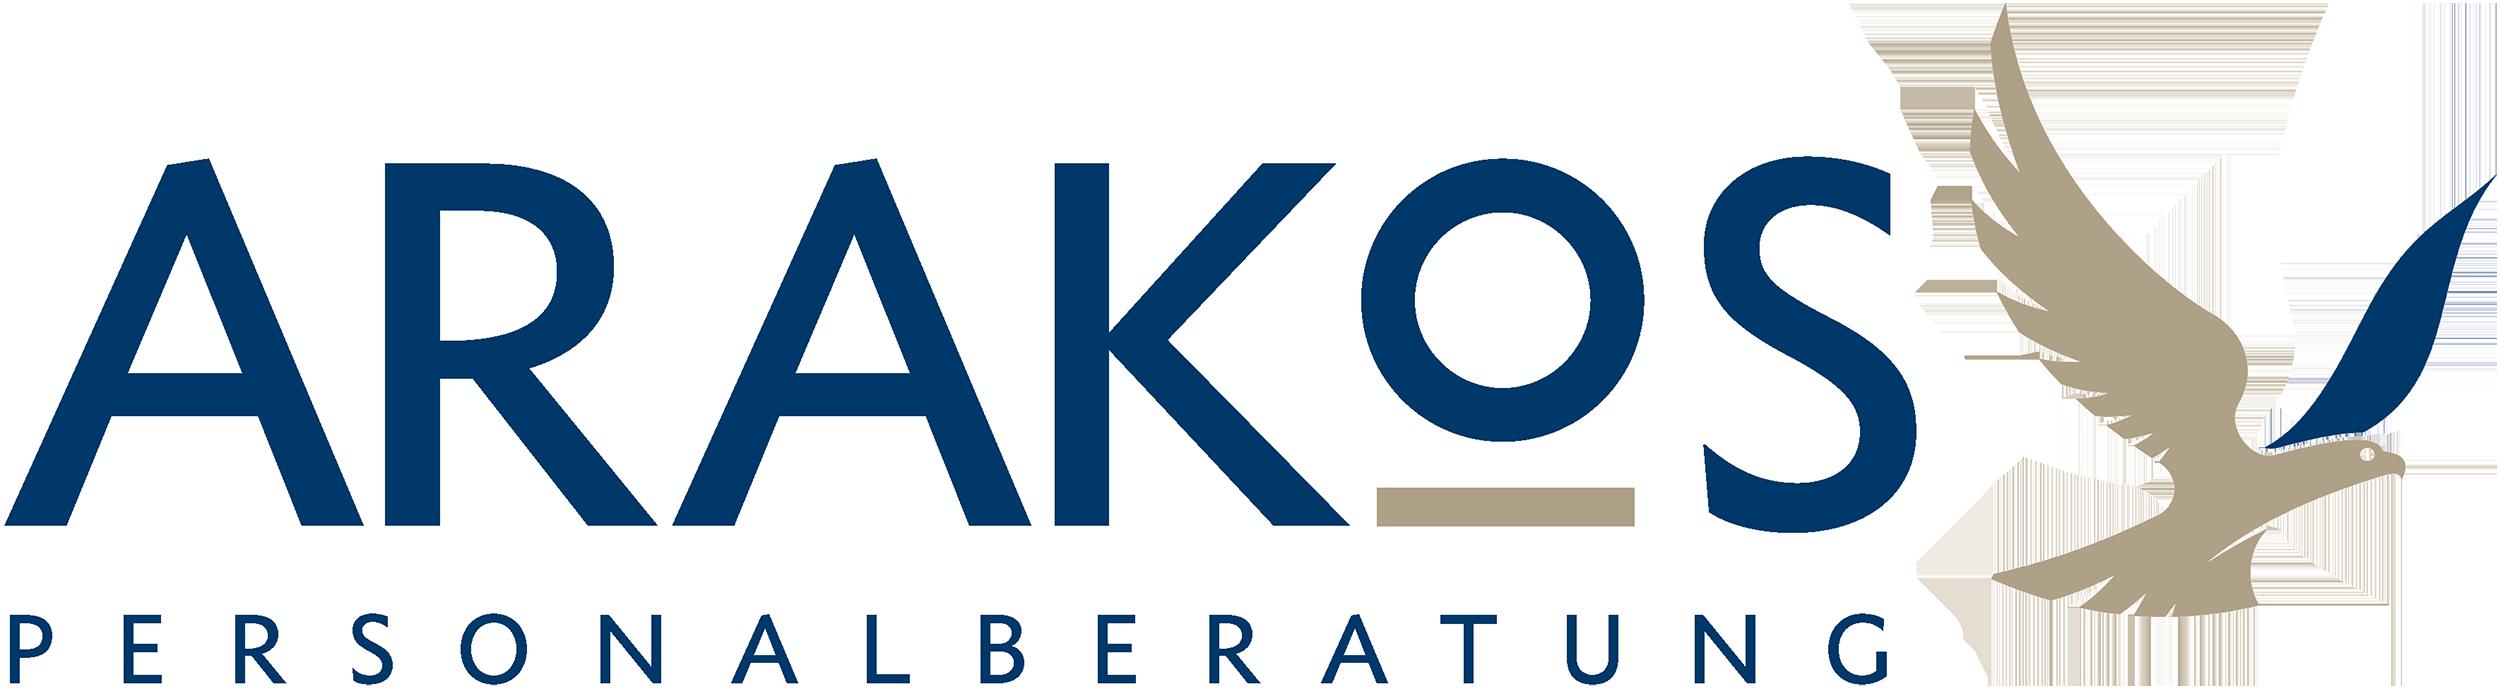 Arakos Personalberatung Logo